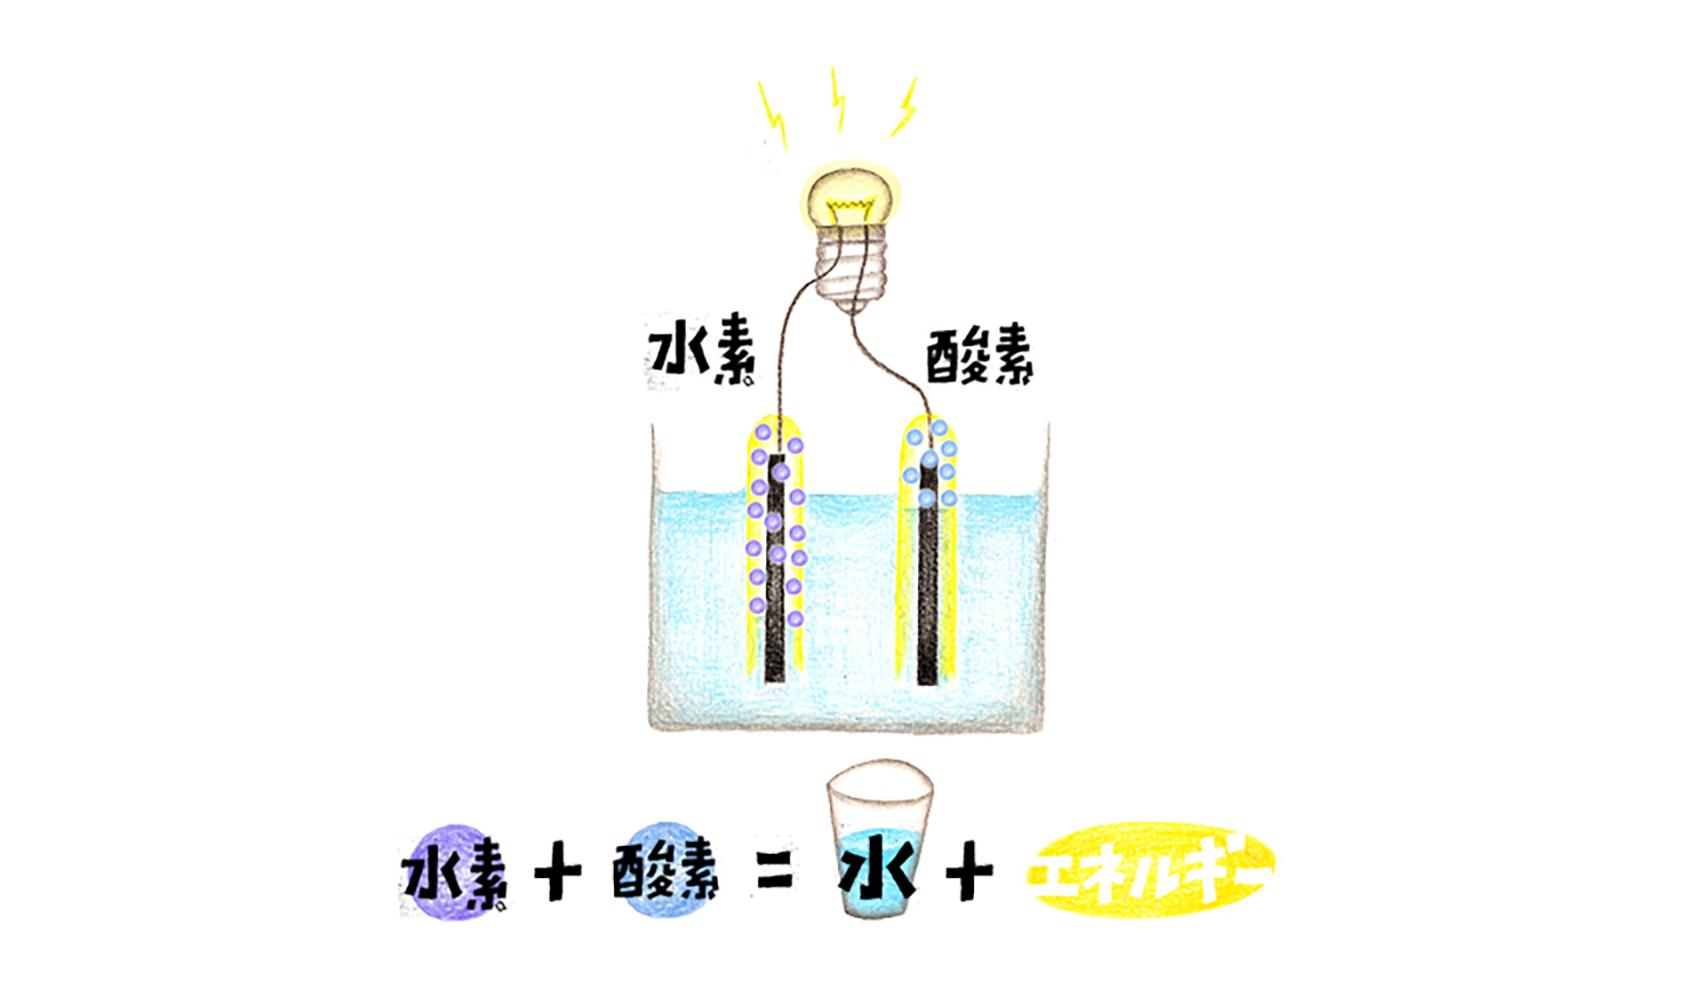 燃料電池とはどんな電池ですか?